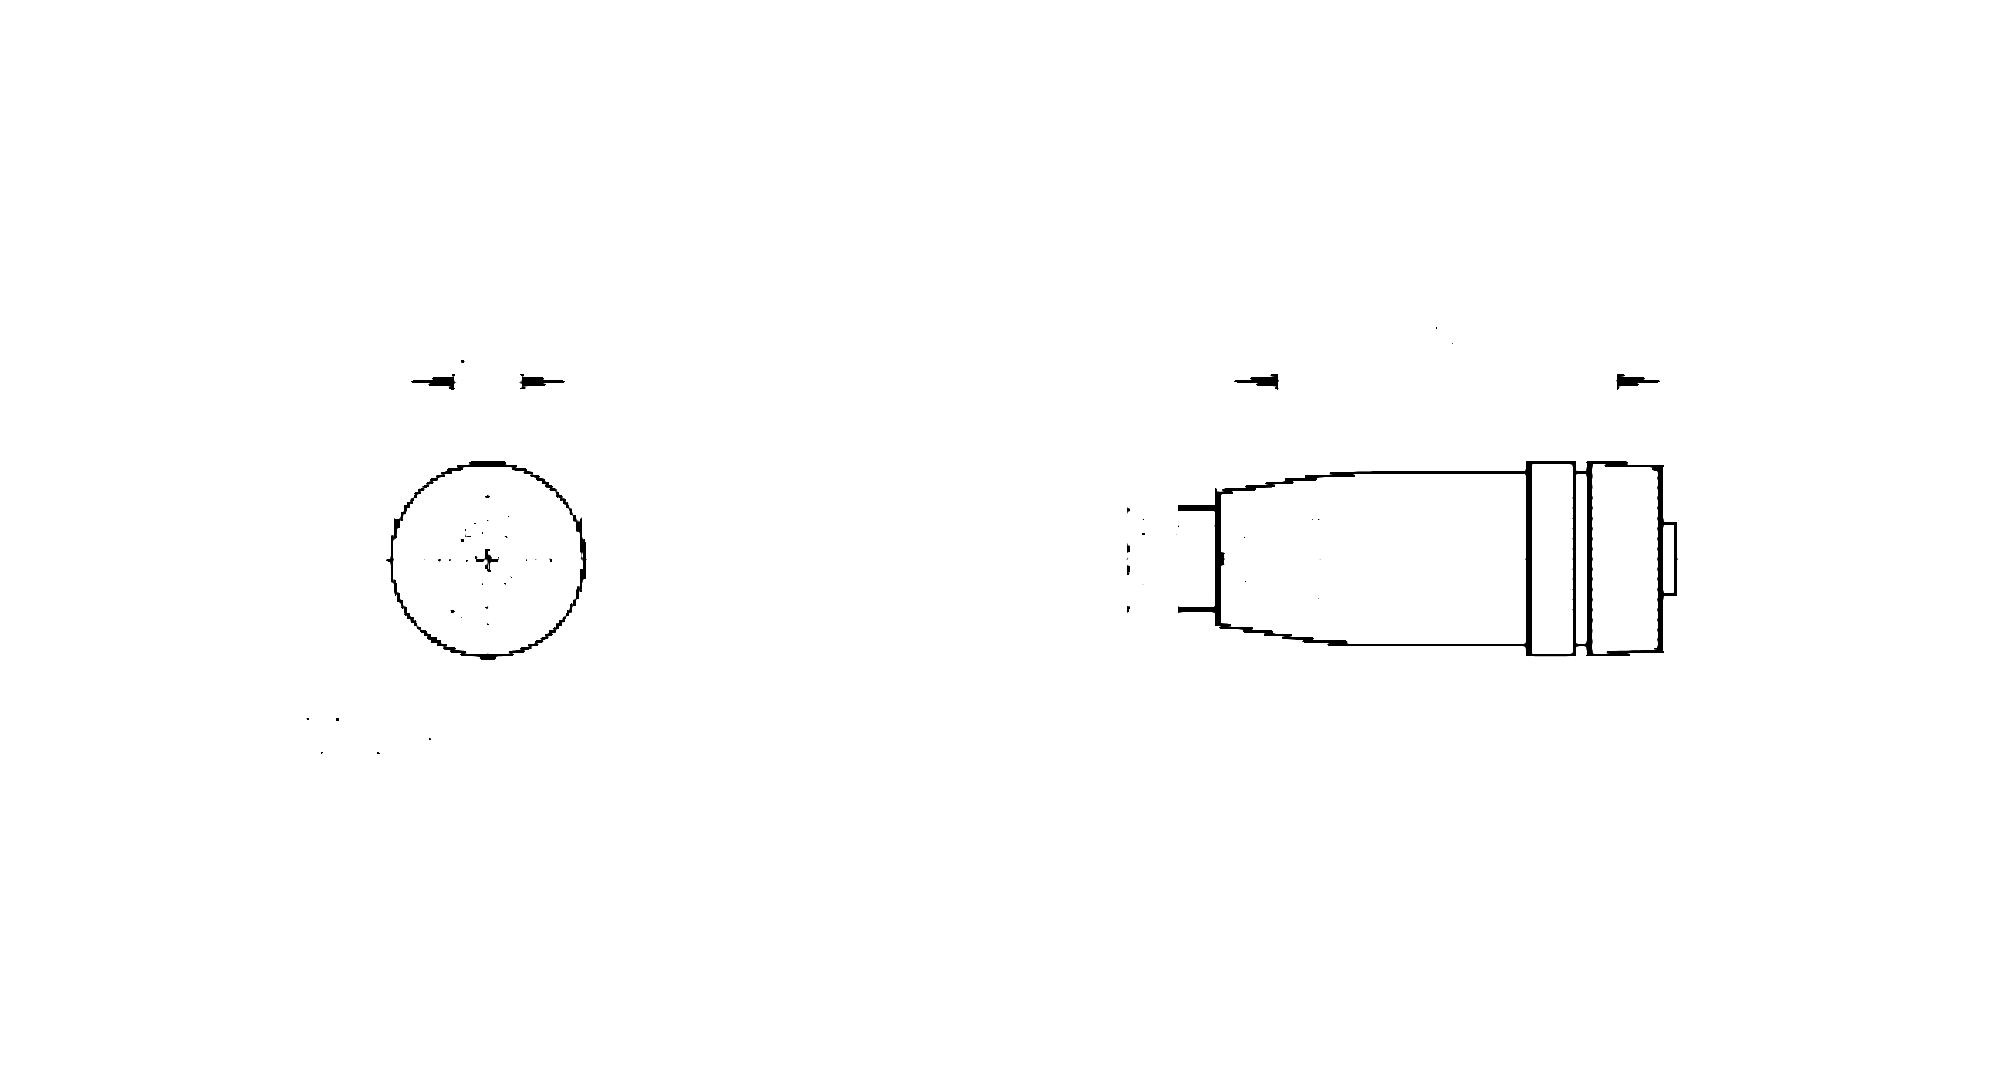 e11511 - wirable socket